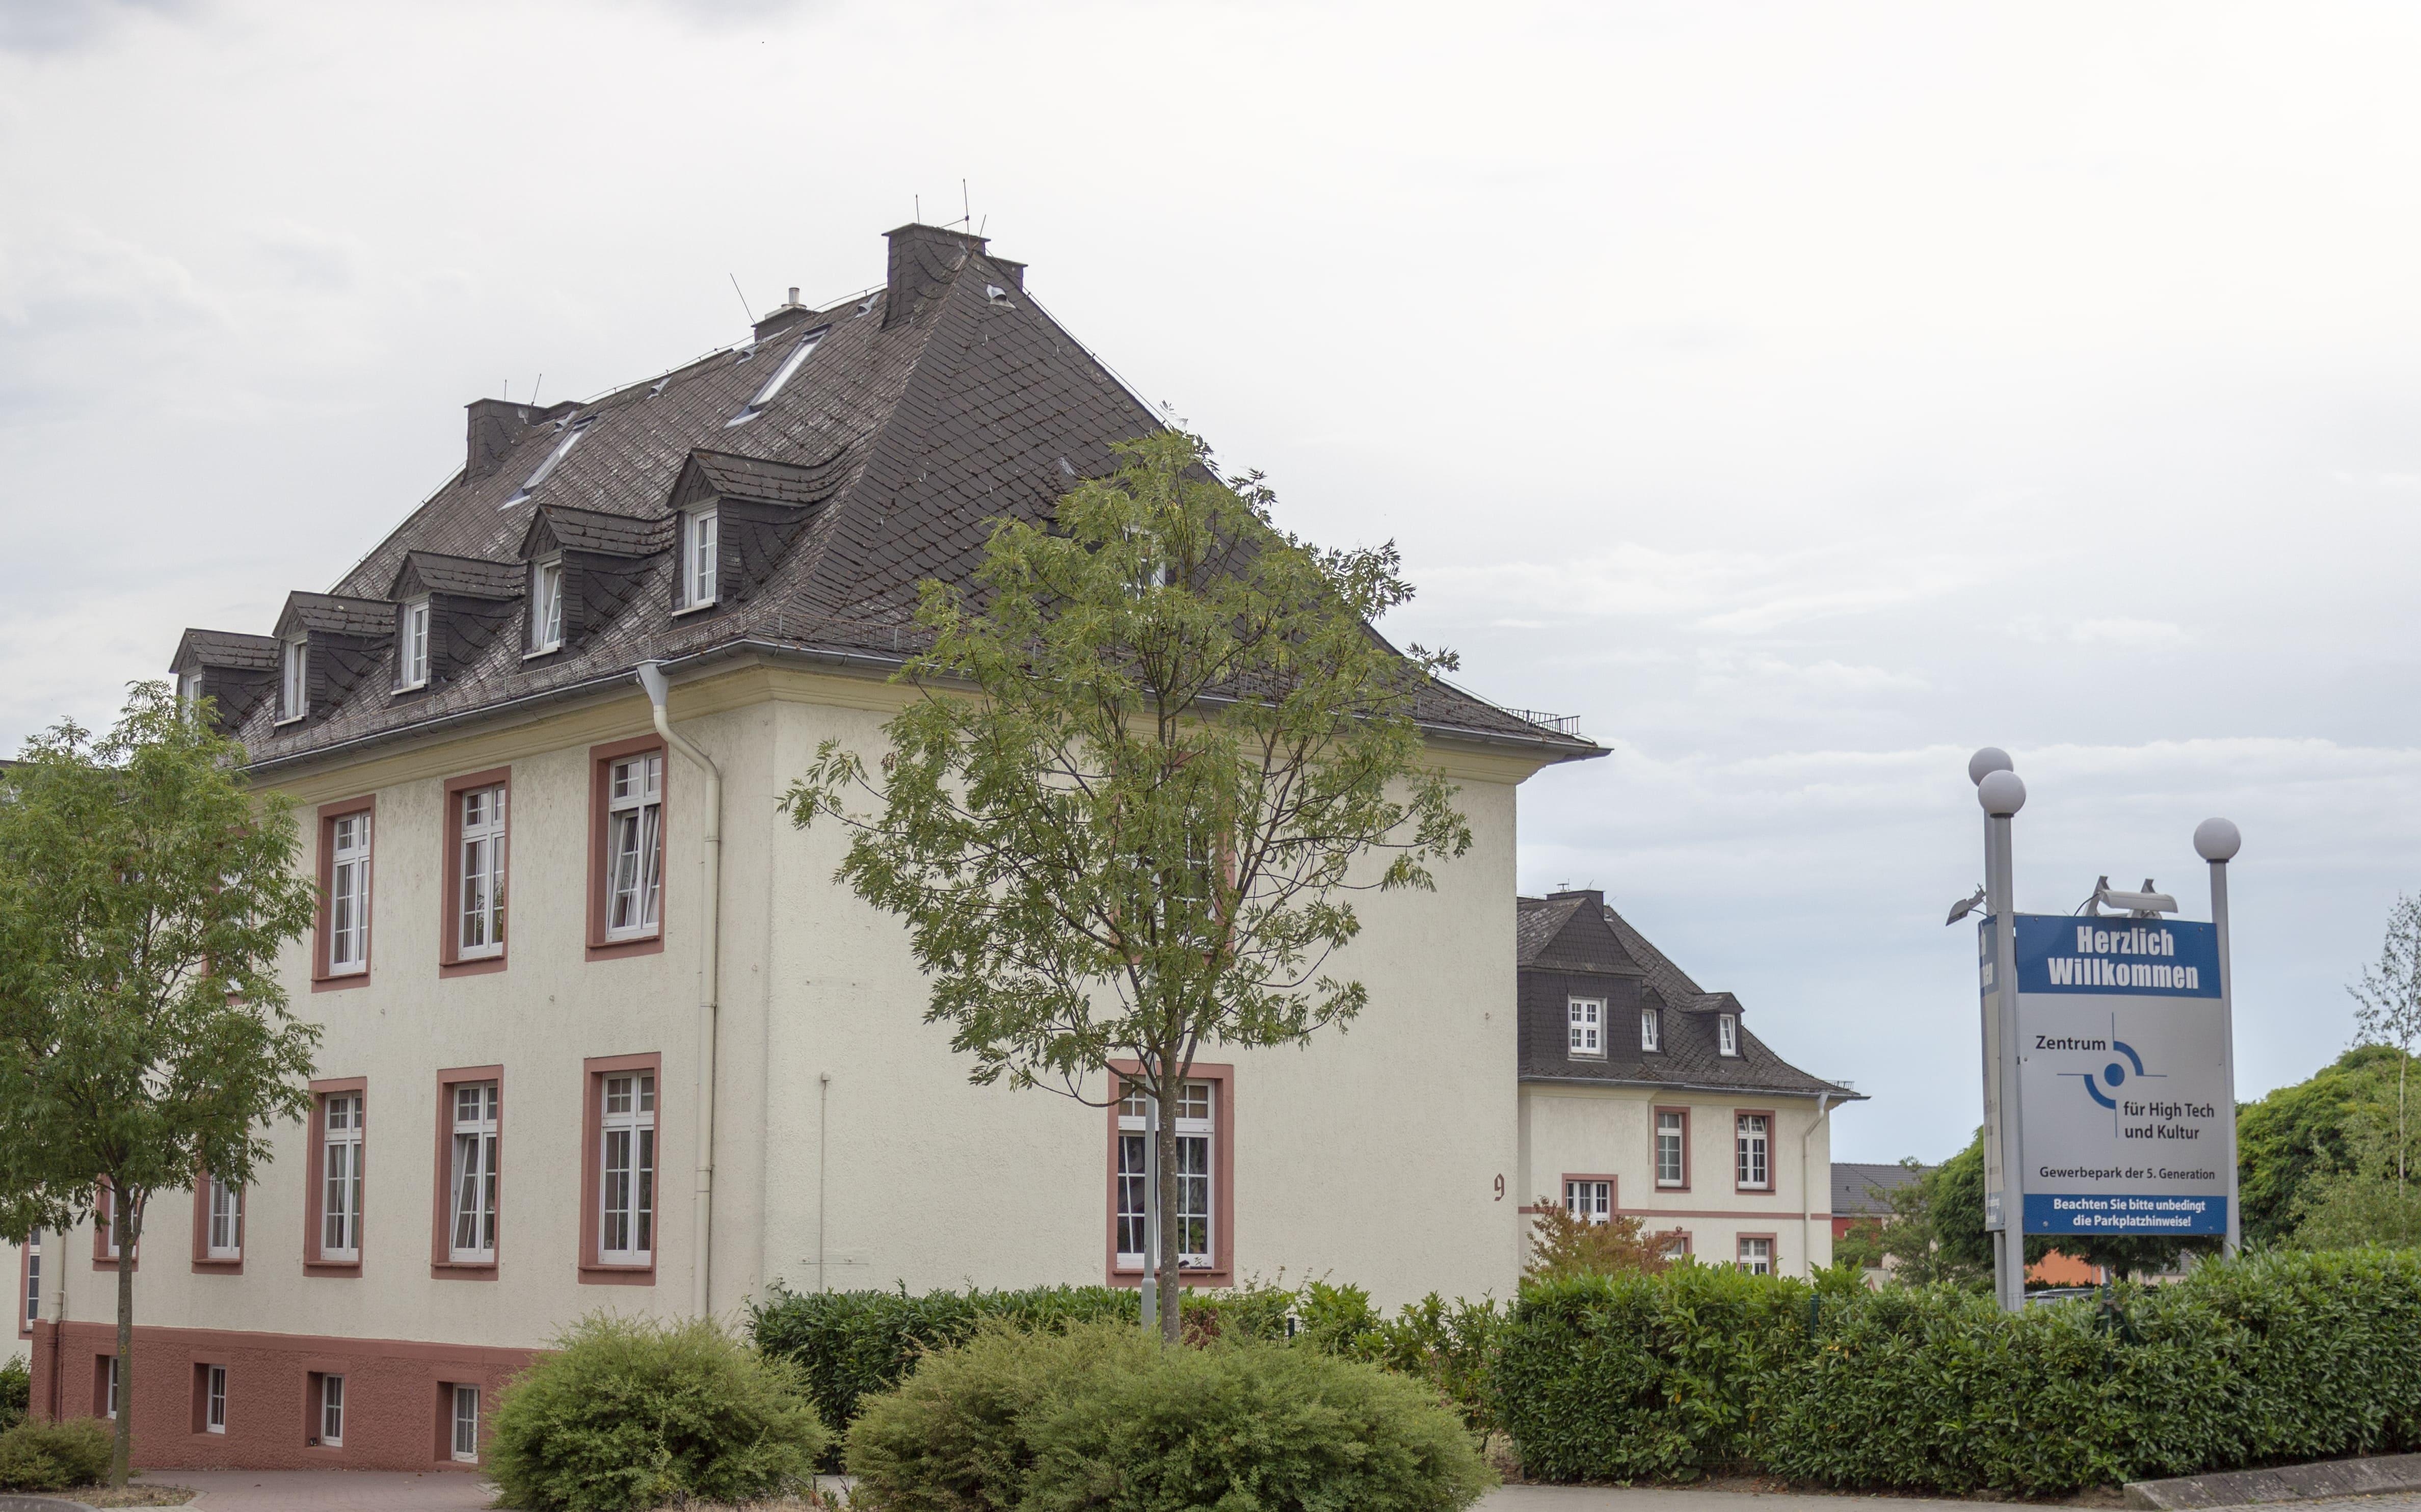 Nur 15 Minuten von der Stadtmitte Wetzlars entfernte Komfortwohnungen im ZHTK